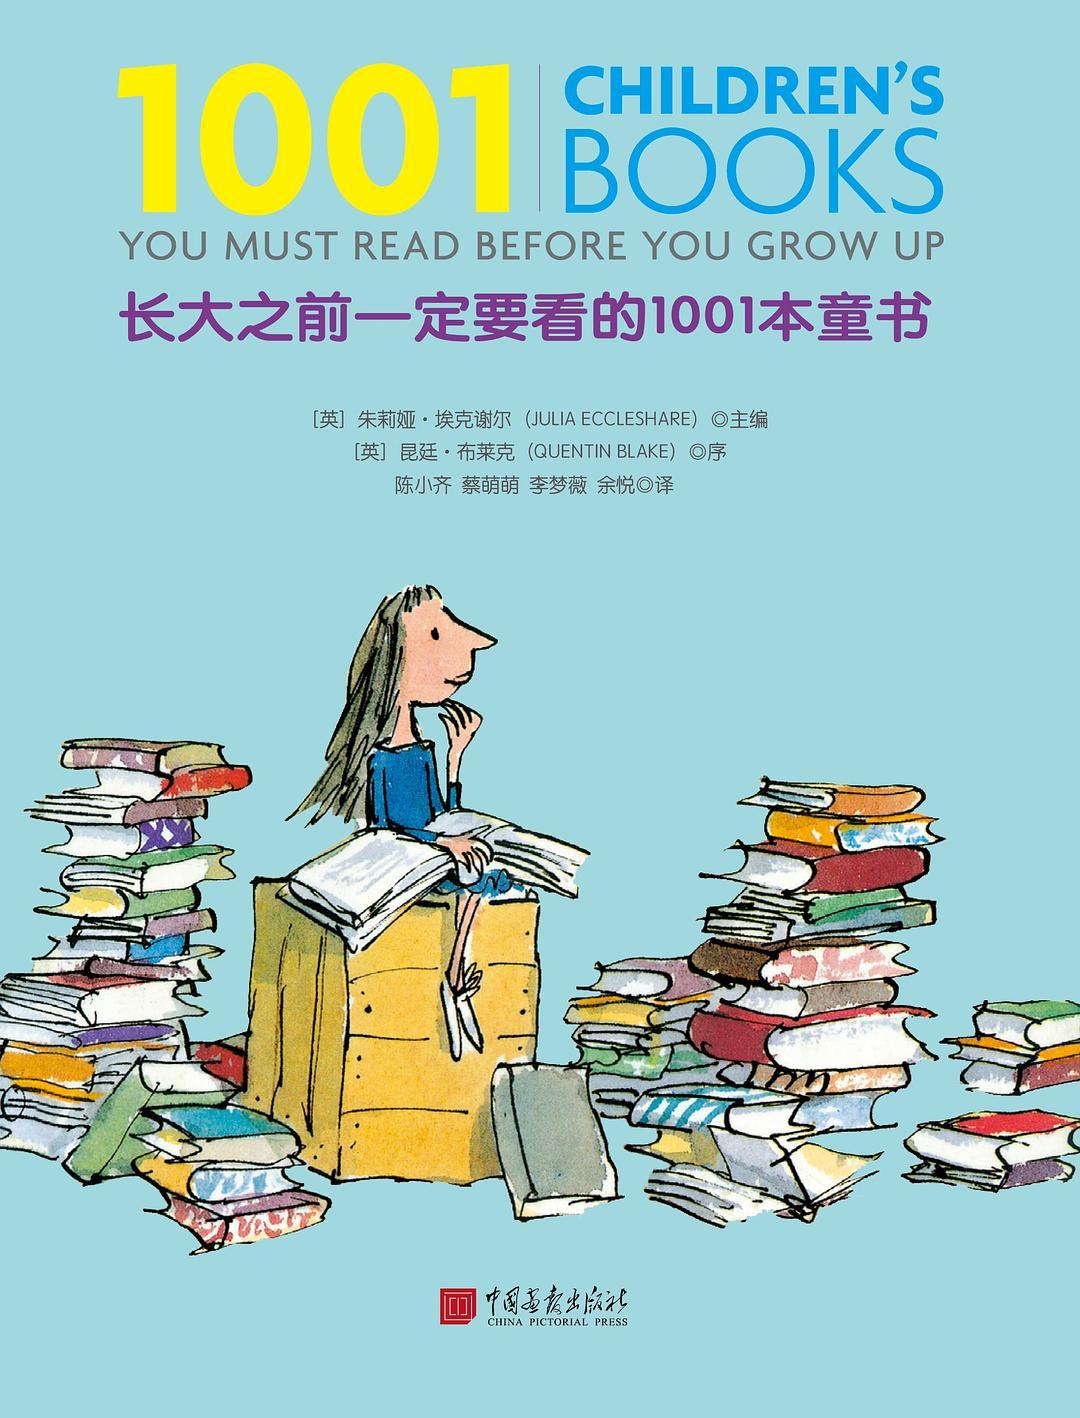 长大之前一定要看的1001本童书-好书天下